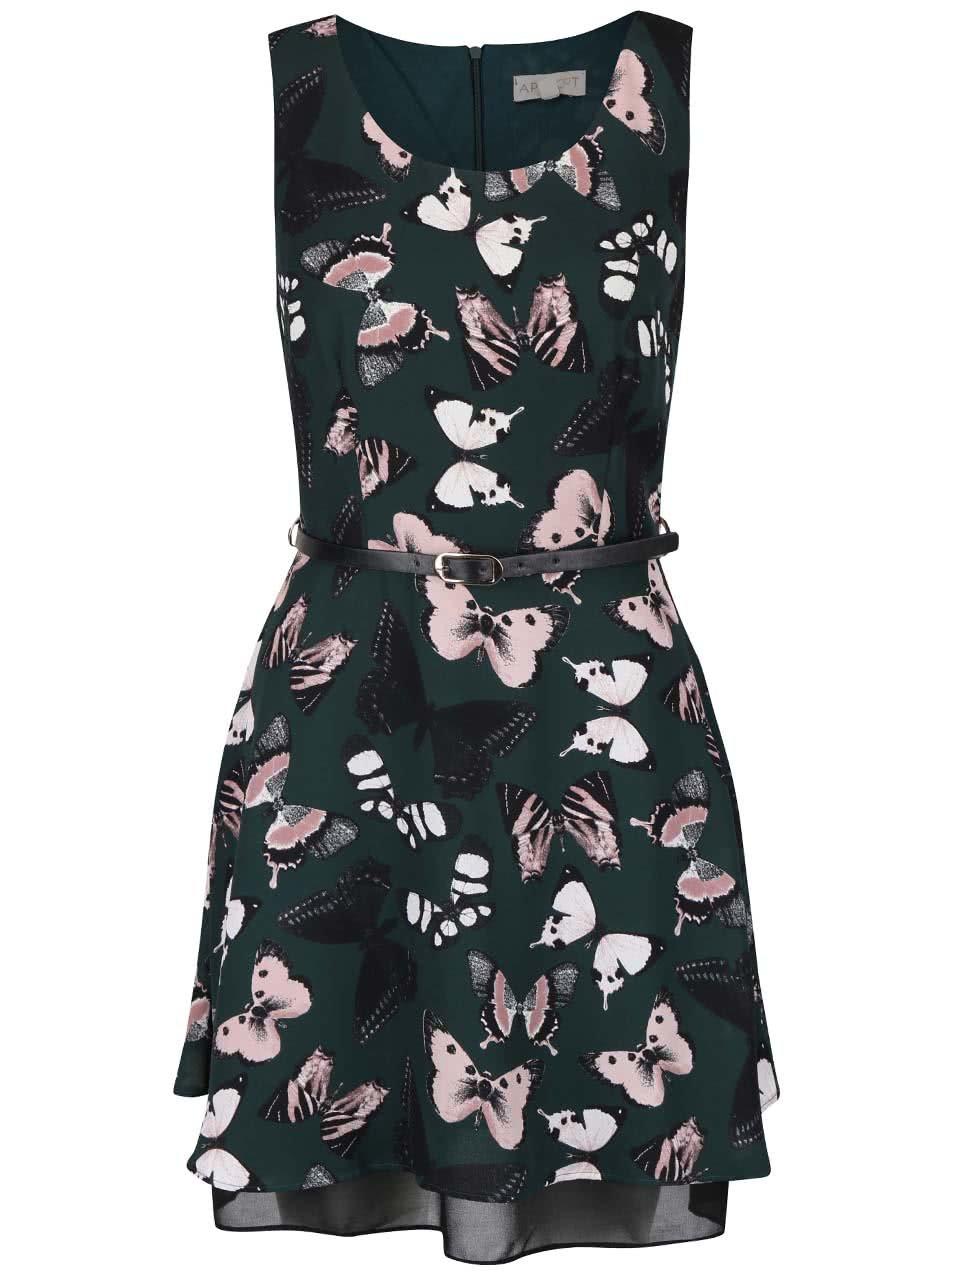 Tmavě zelené šaty s potiskem motýlů Apricot